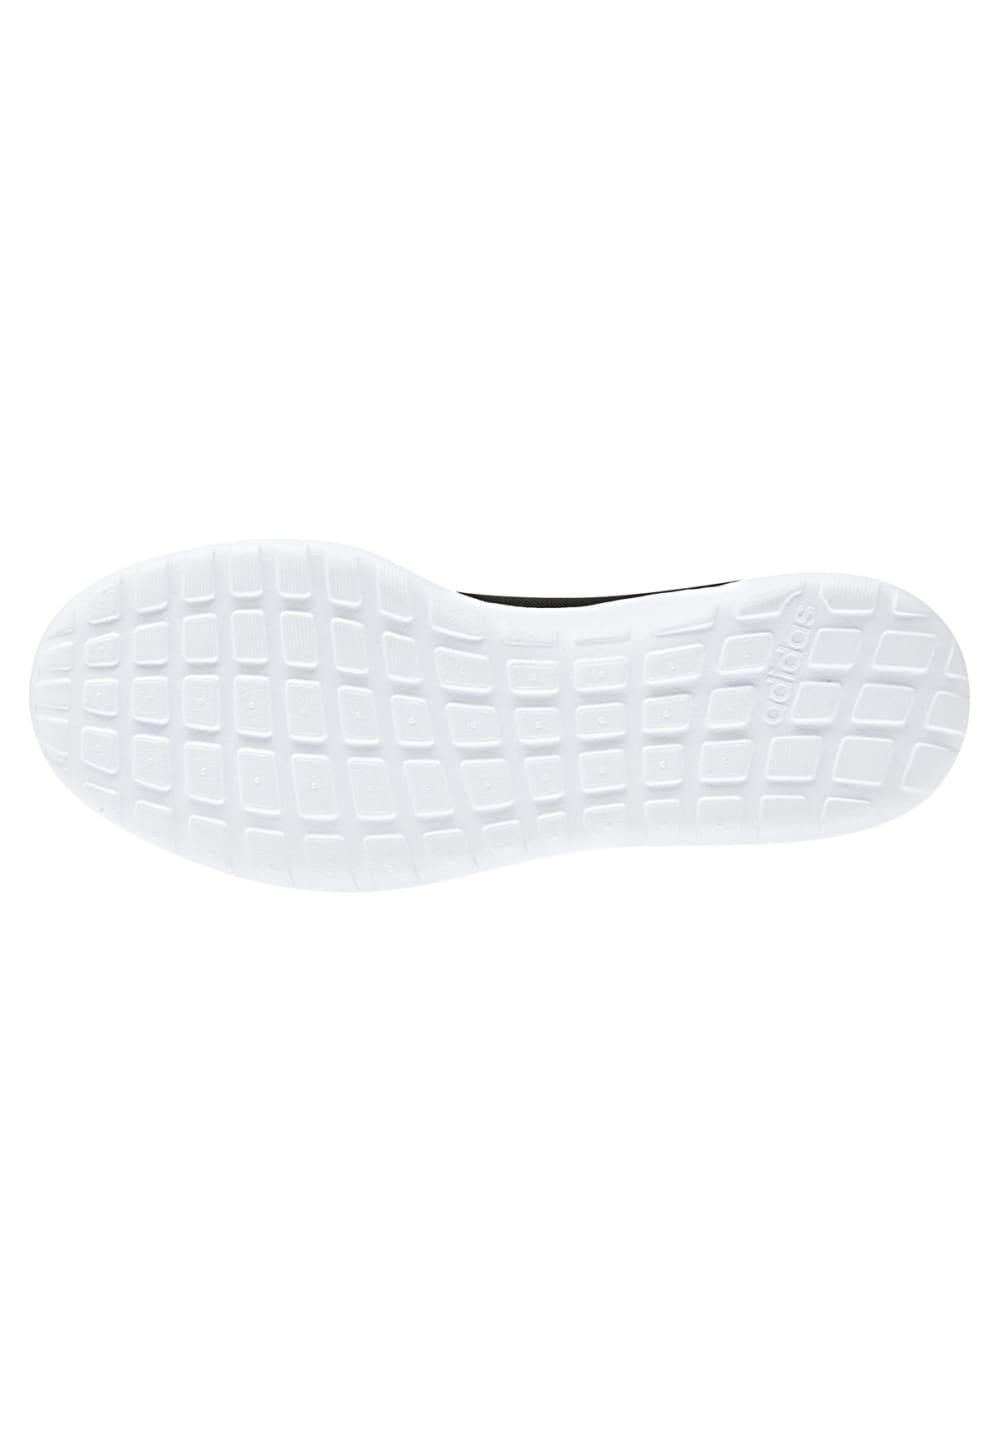 648563d82e0 Noir 21run Running Chaussures Adapt Adidas Pour Lite Racer Homme qzfw08